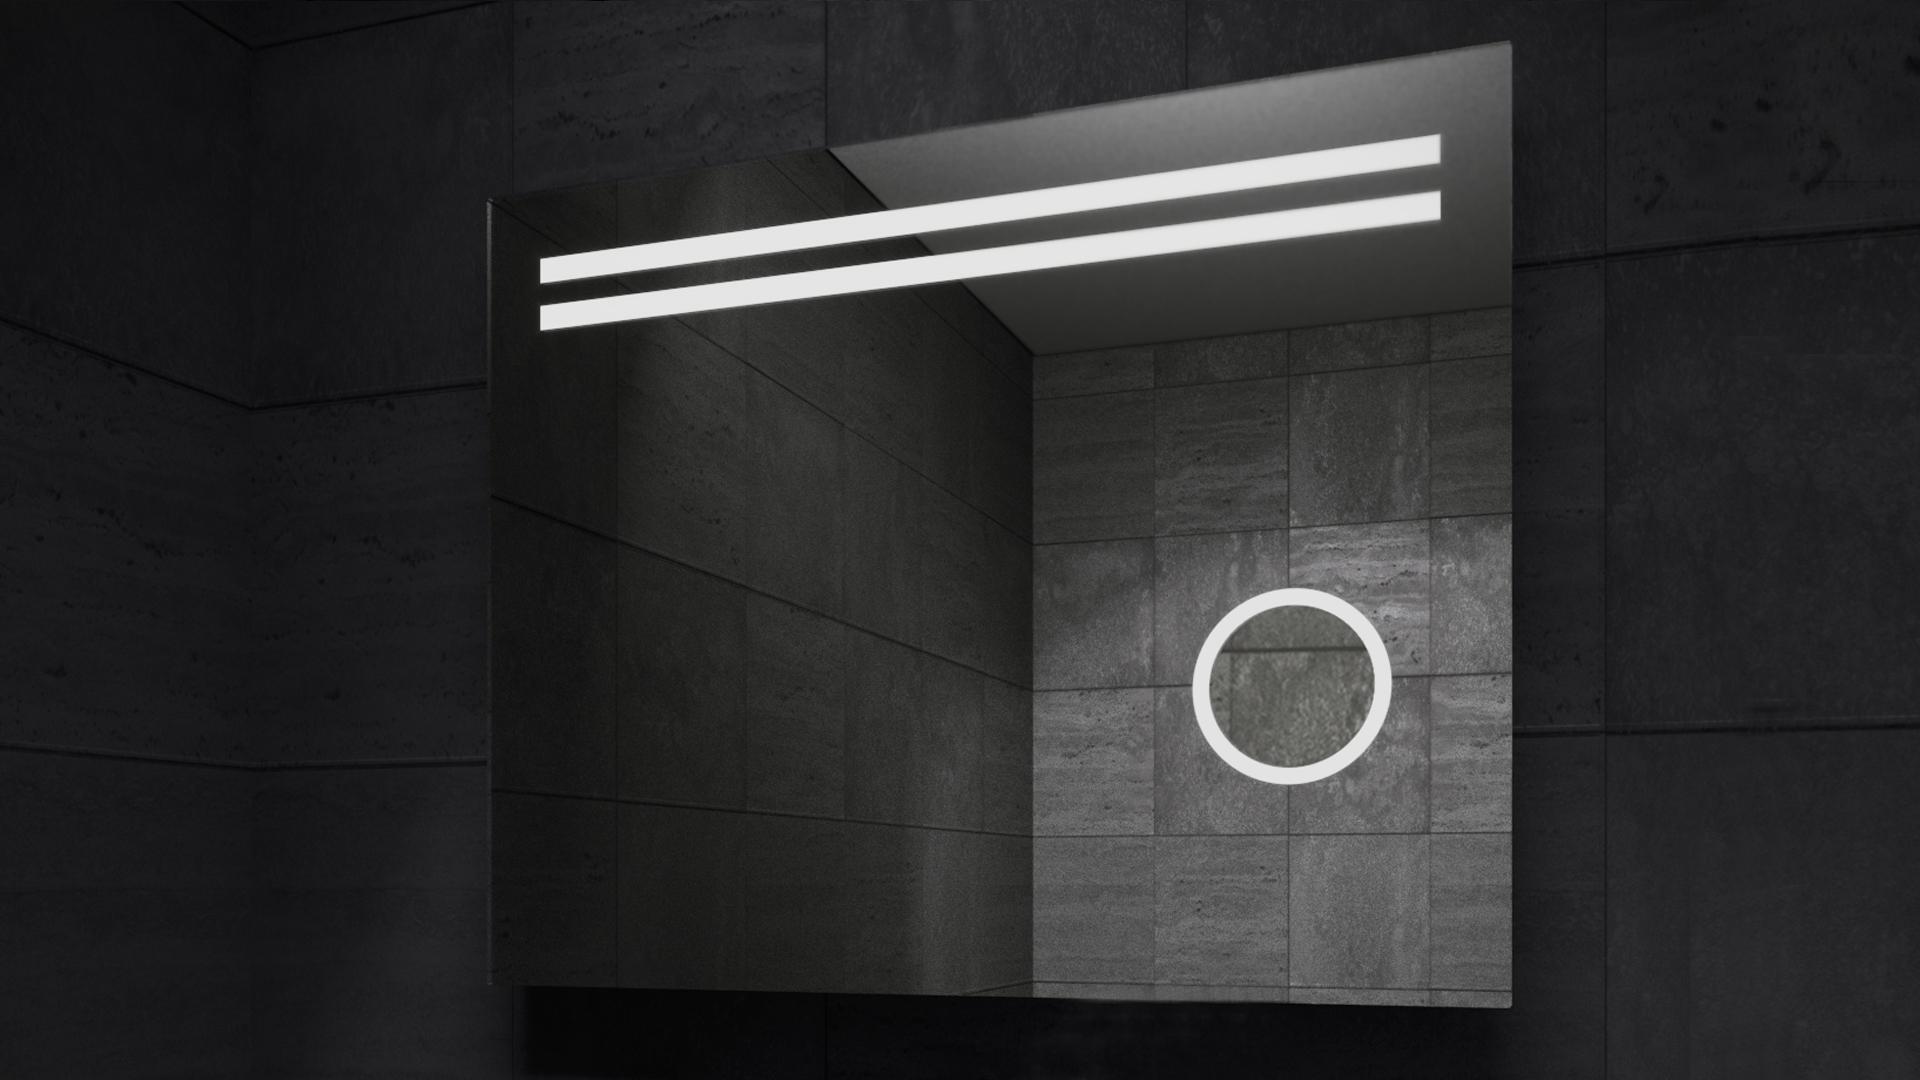 Della LED Mirror in Darkness